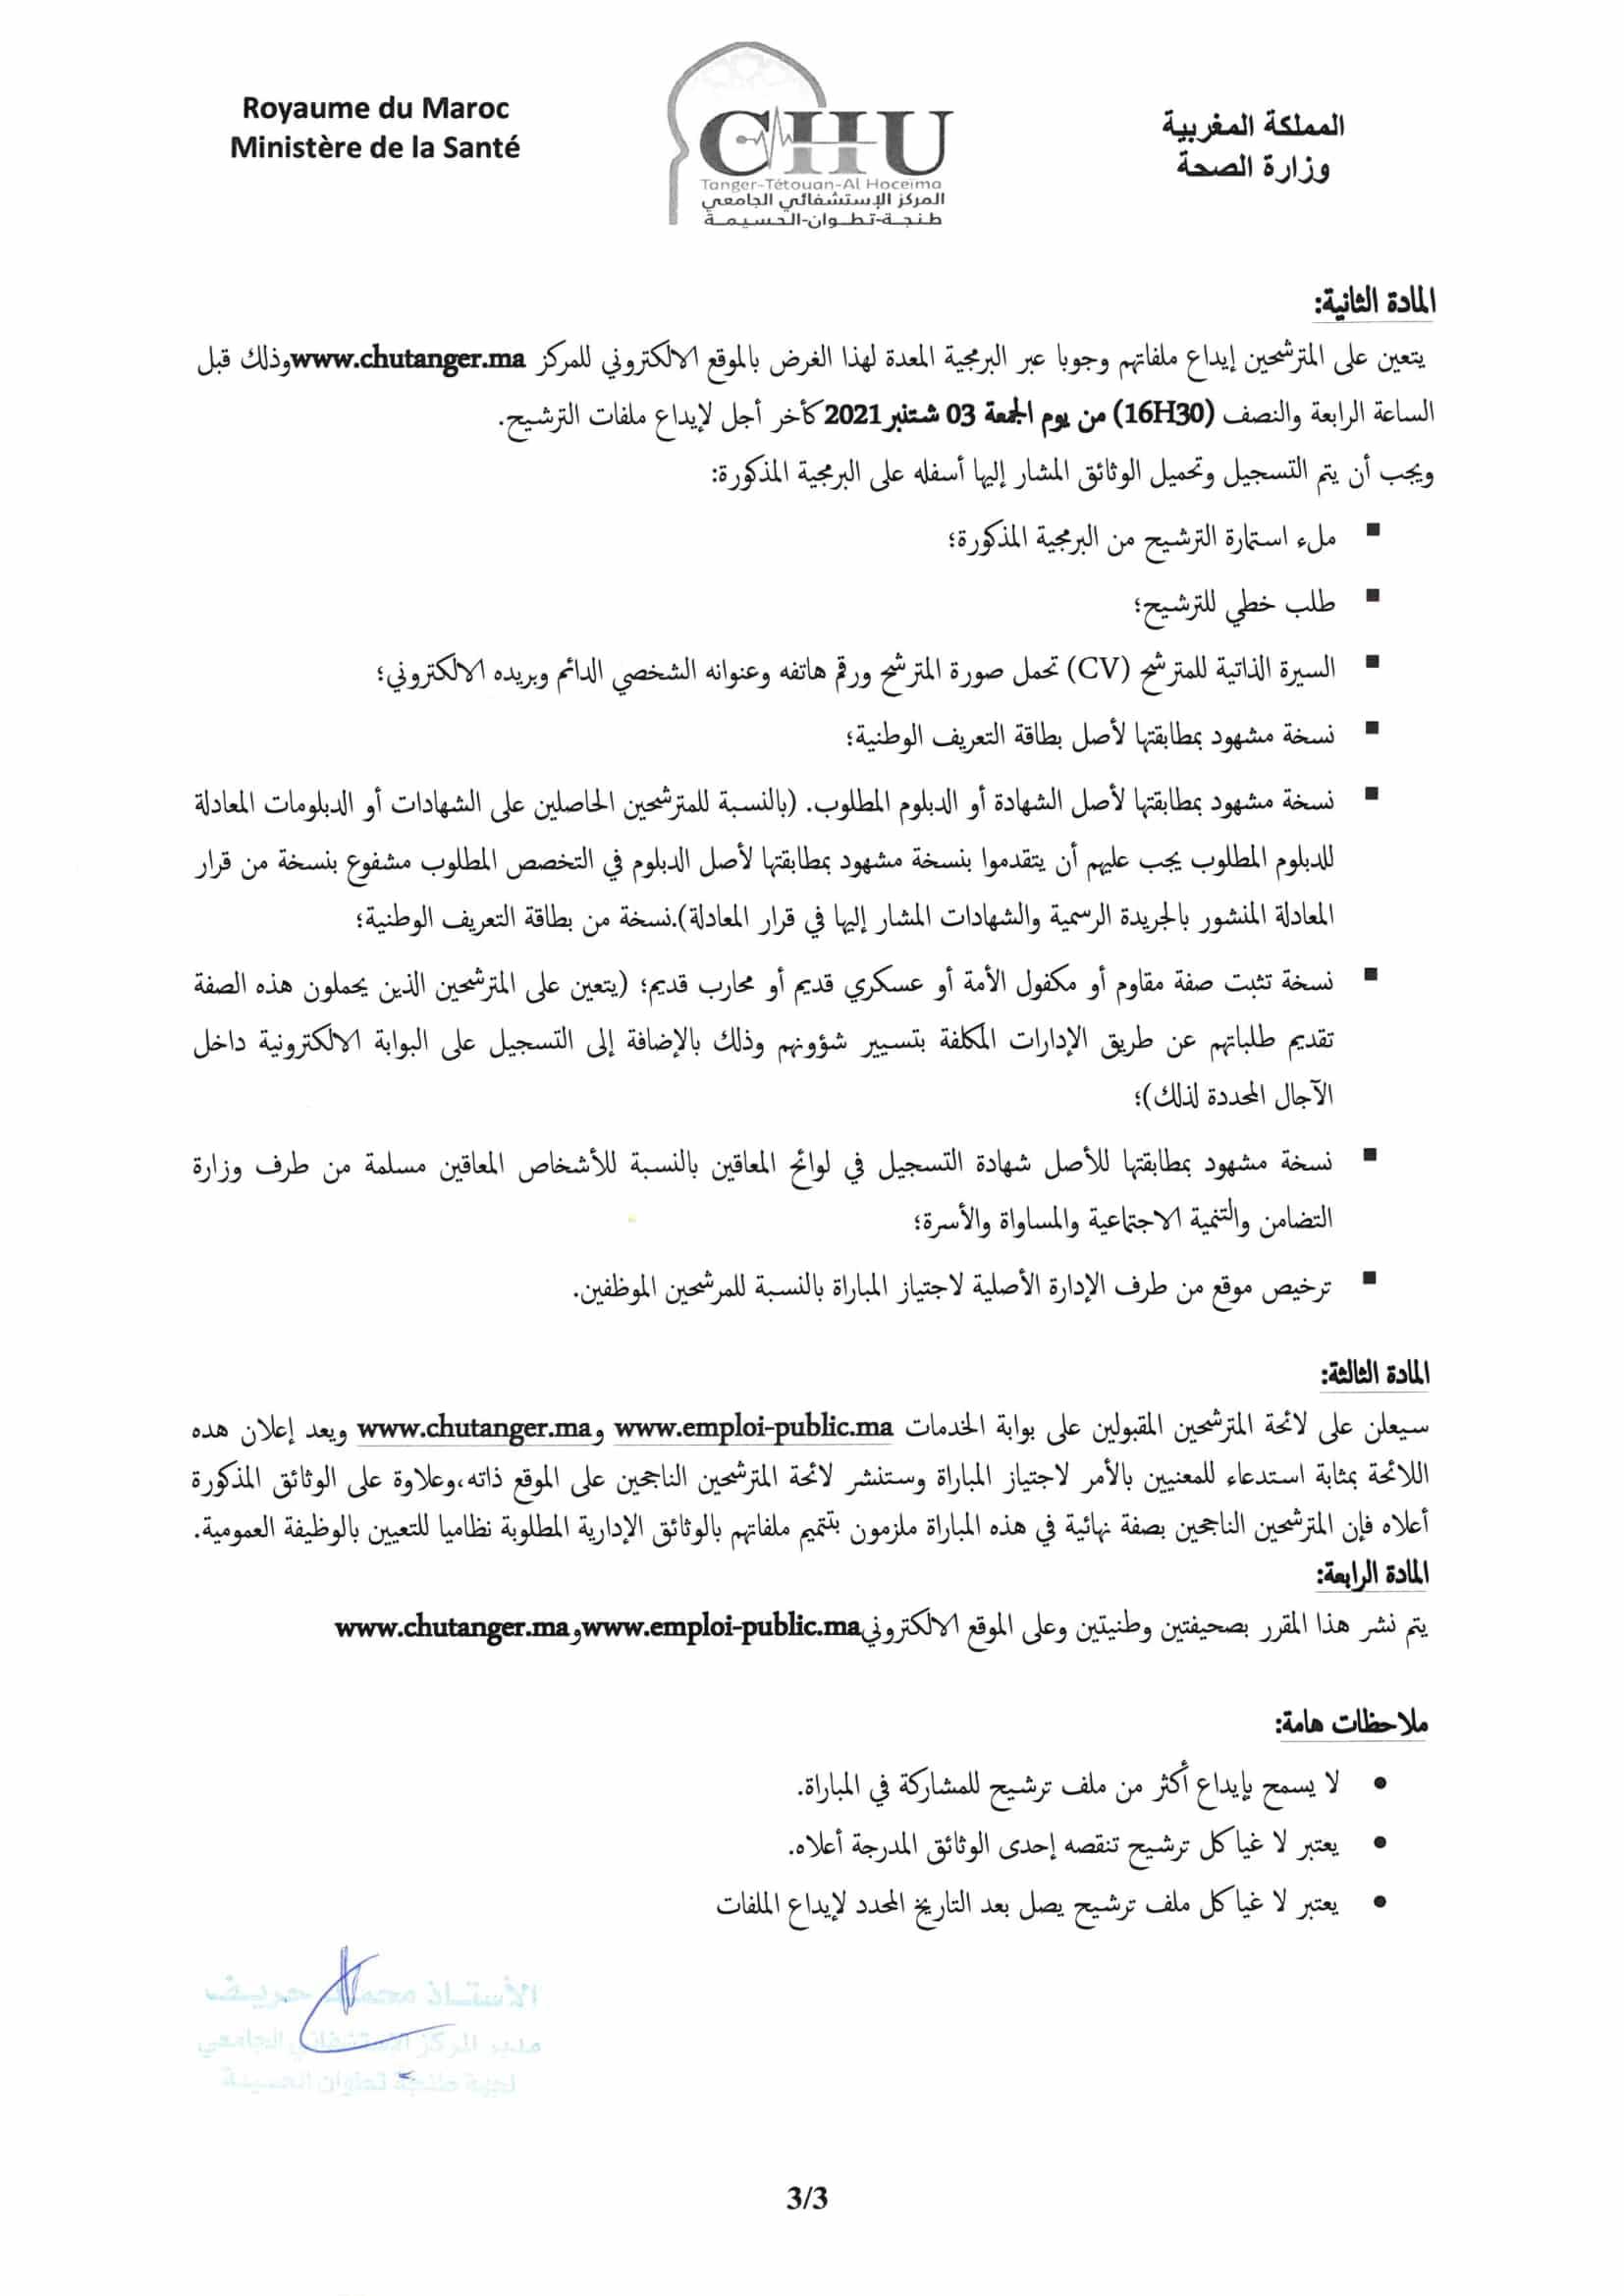 decisionduconcours 3 Concours de Recrutement CHU Tanger 2021 (161 Postes)